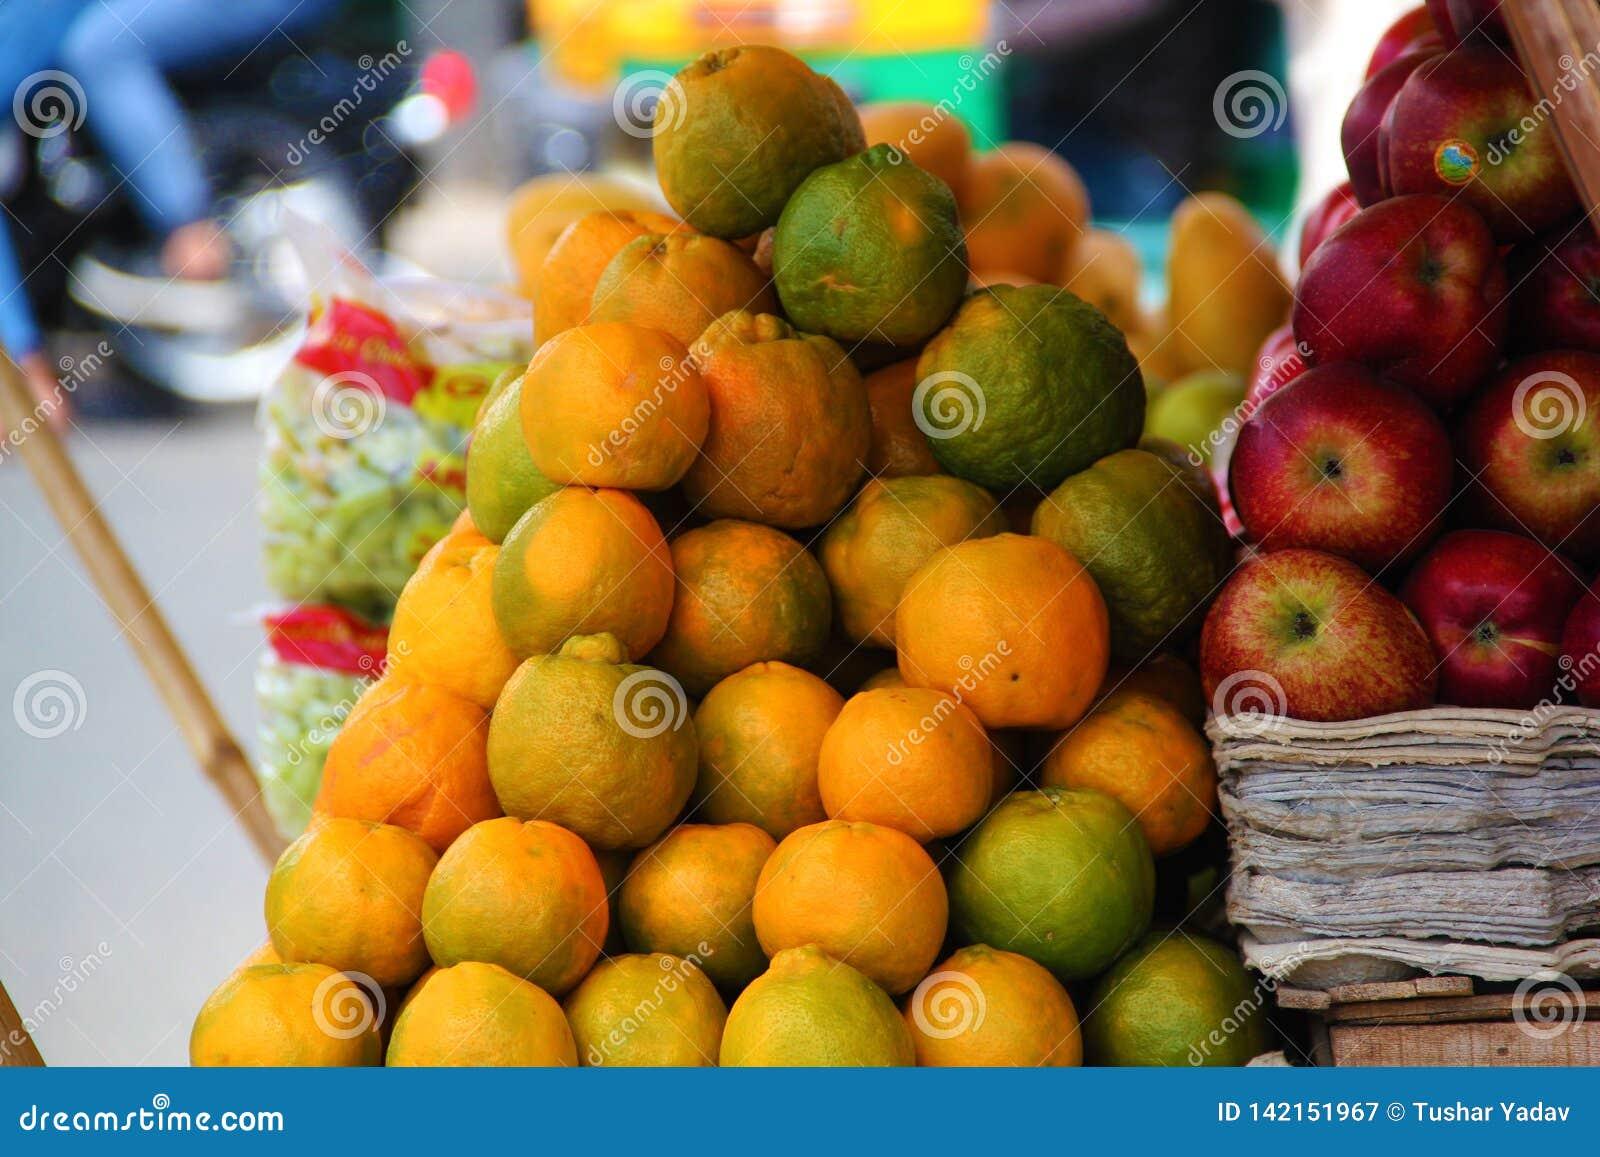 Пук апельсинов и яблок на улице